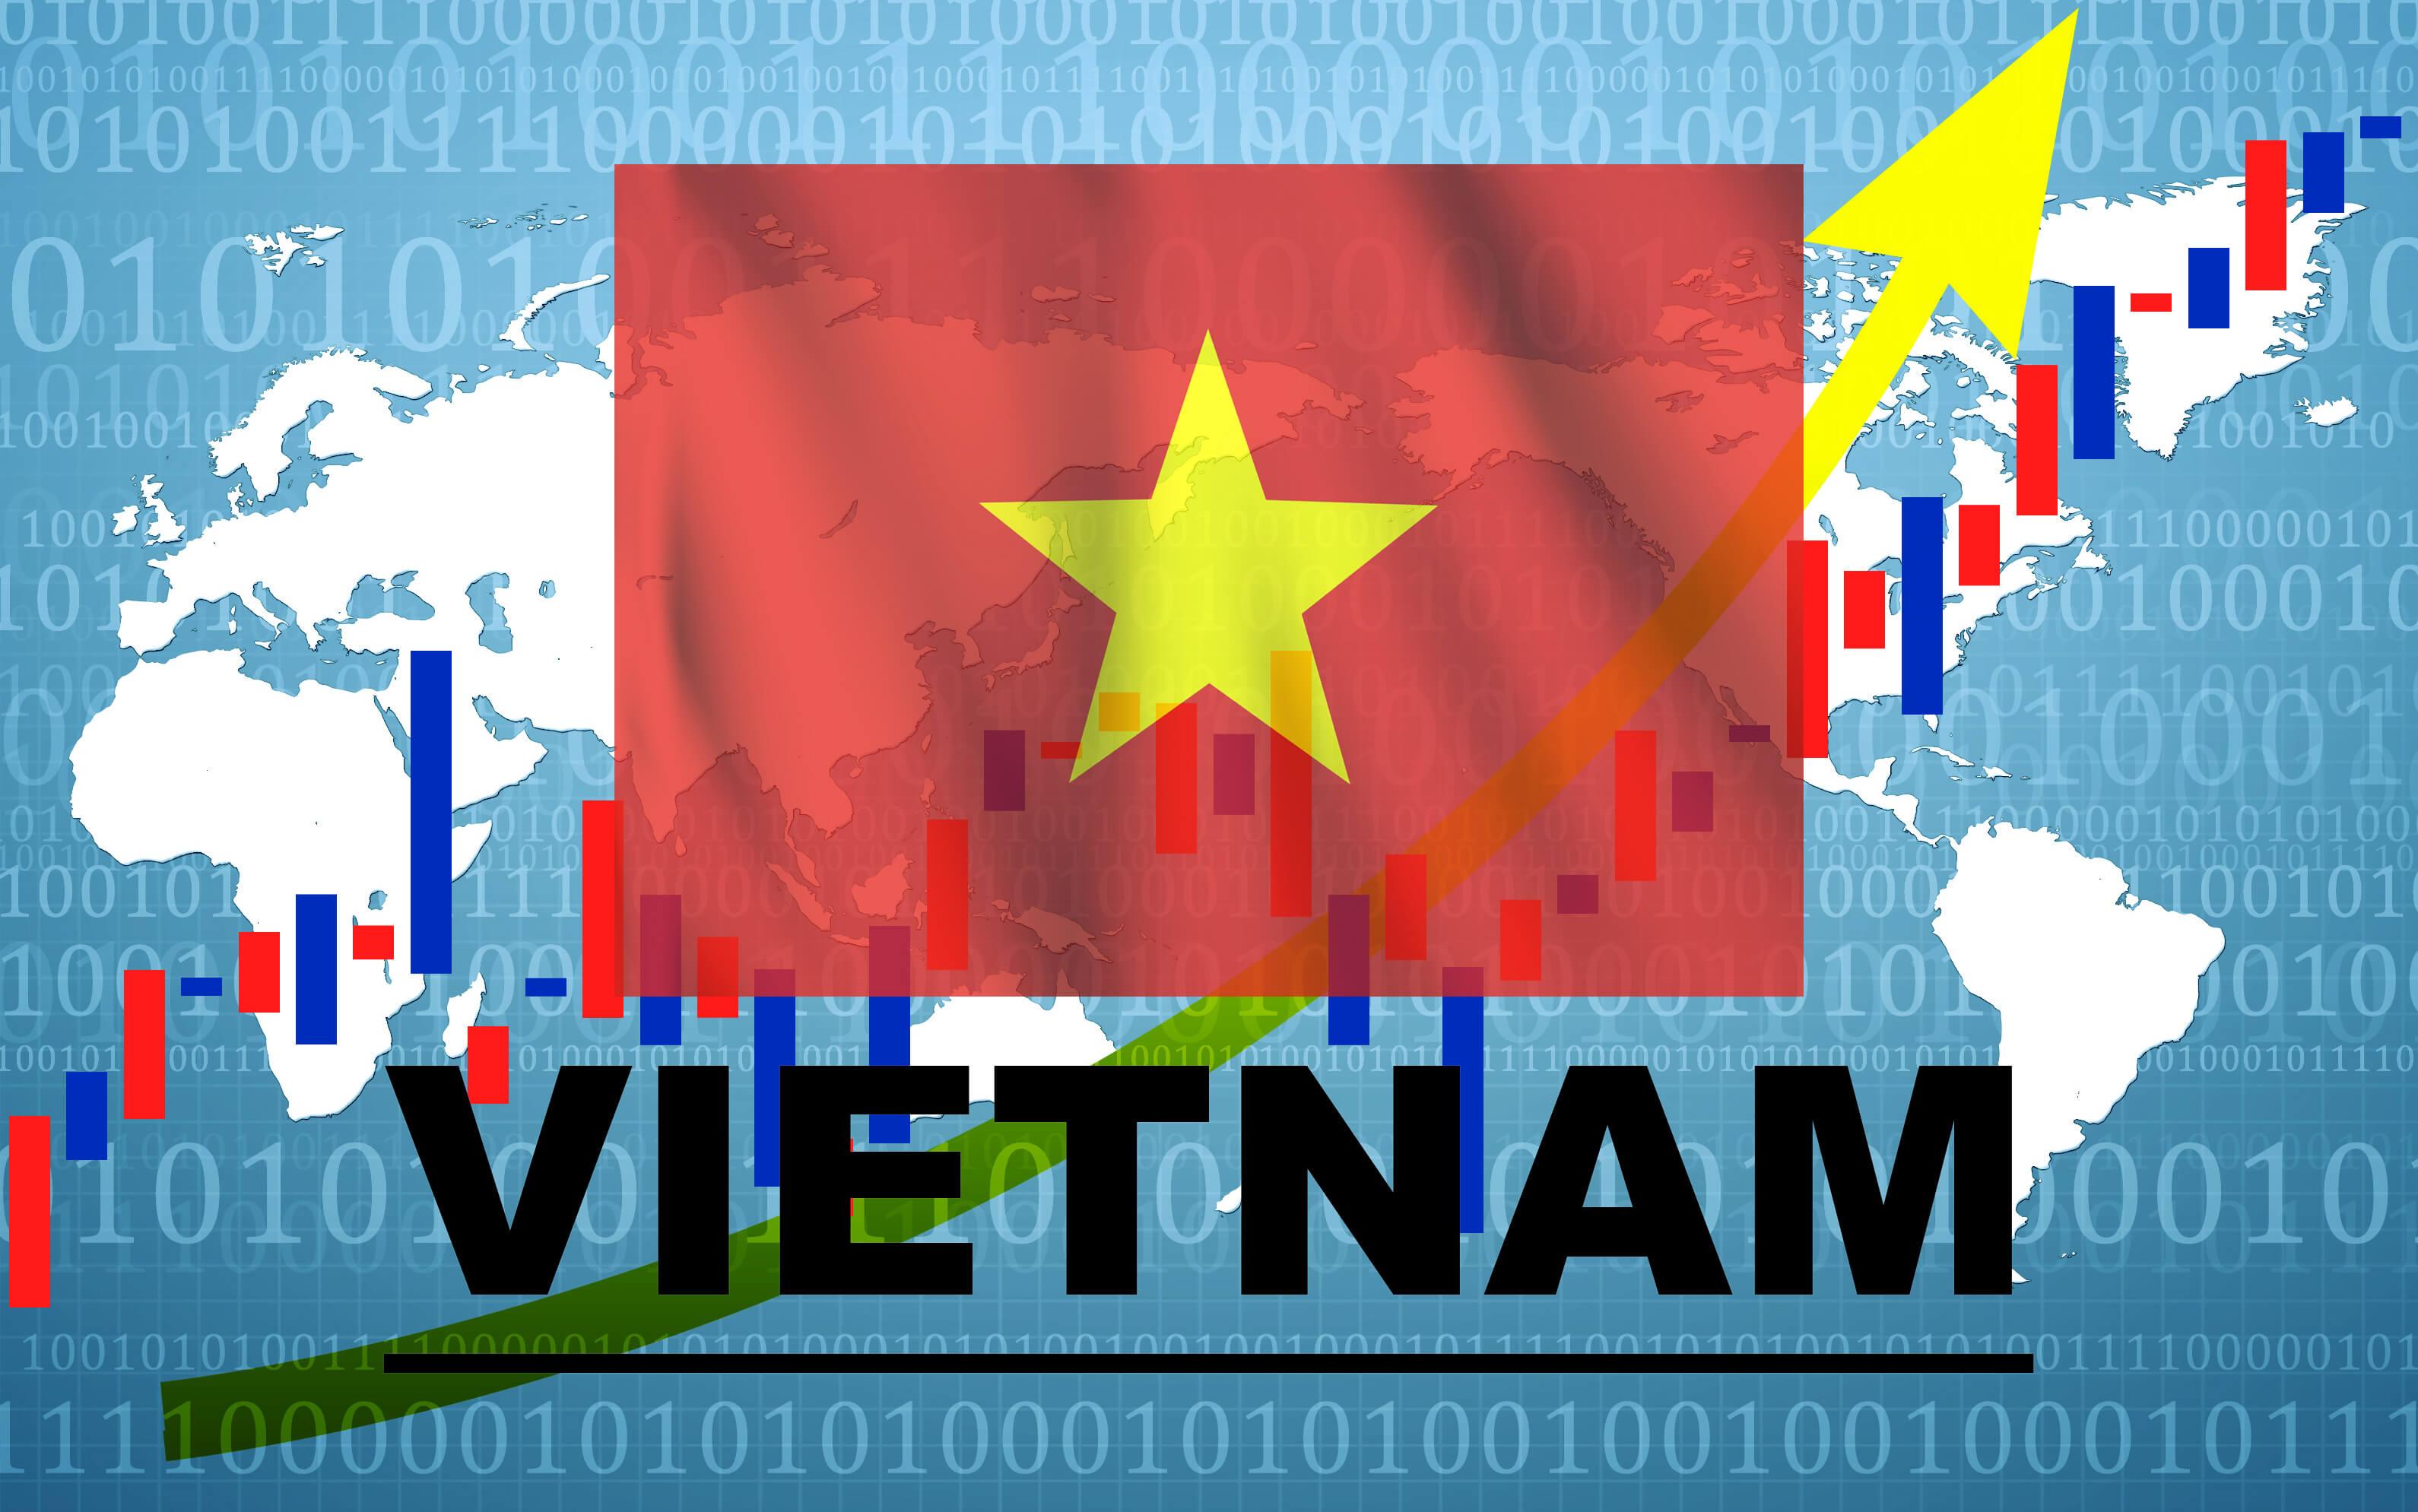 ベトナムの株式市場 | 上場企業と時価総額から導き出すベトナムの成長産業